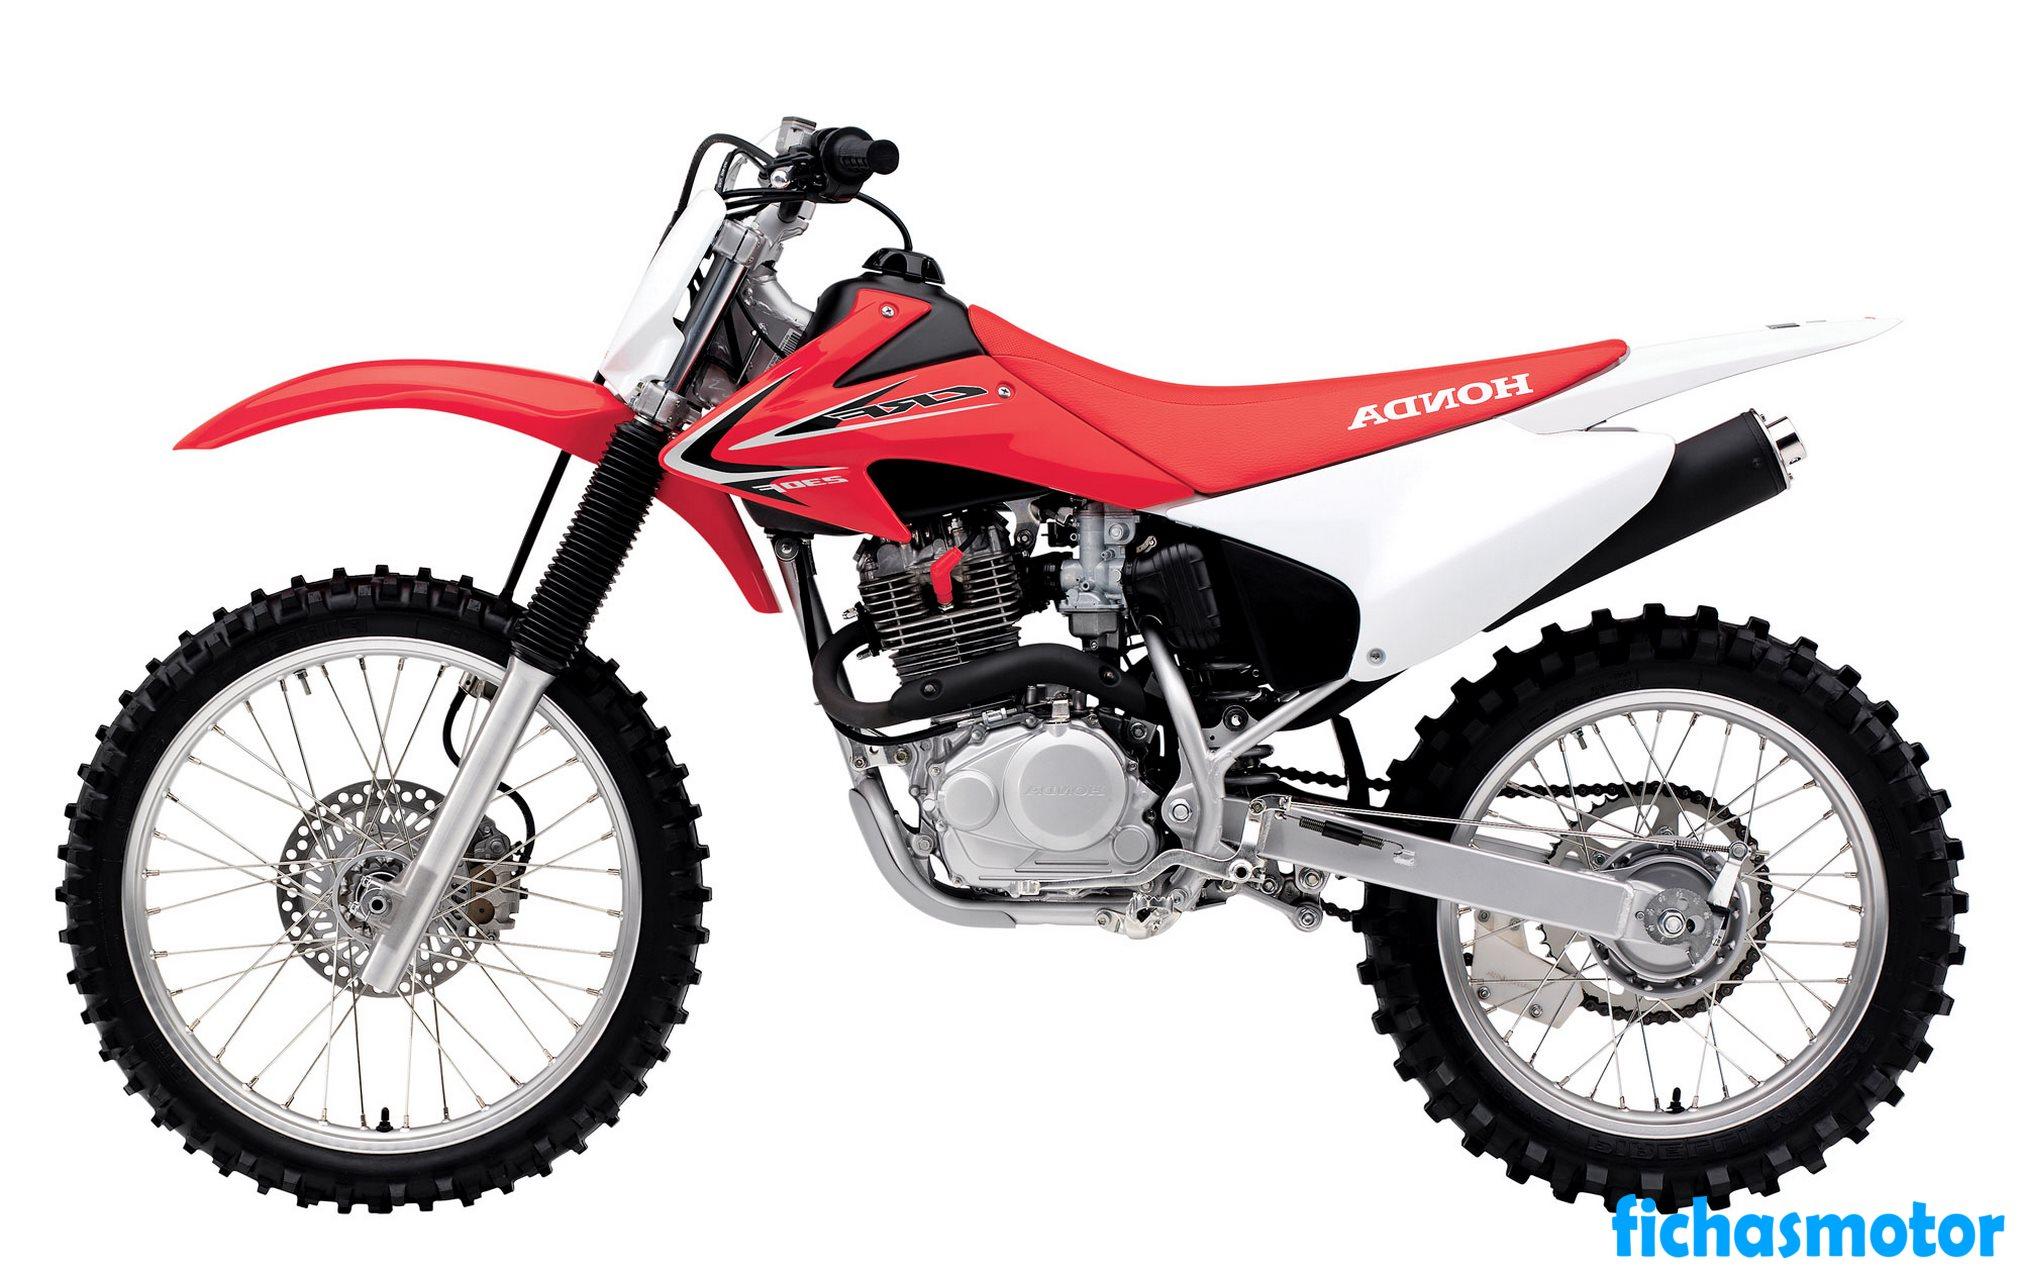 Ficha técnica Honda crf230f 2016